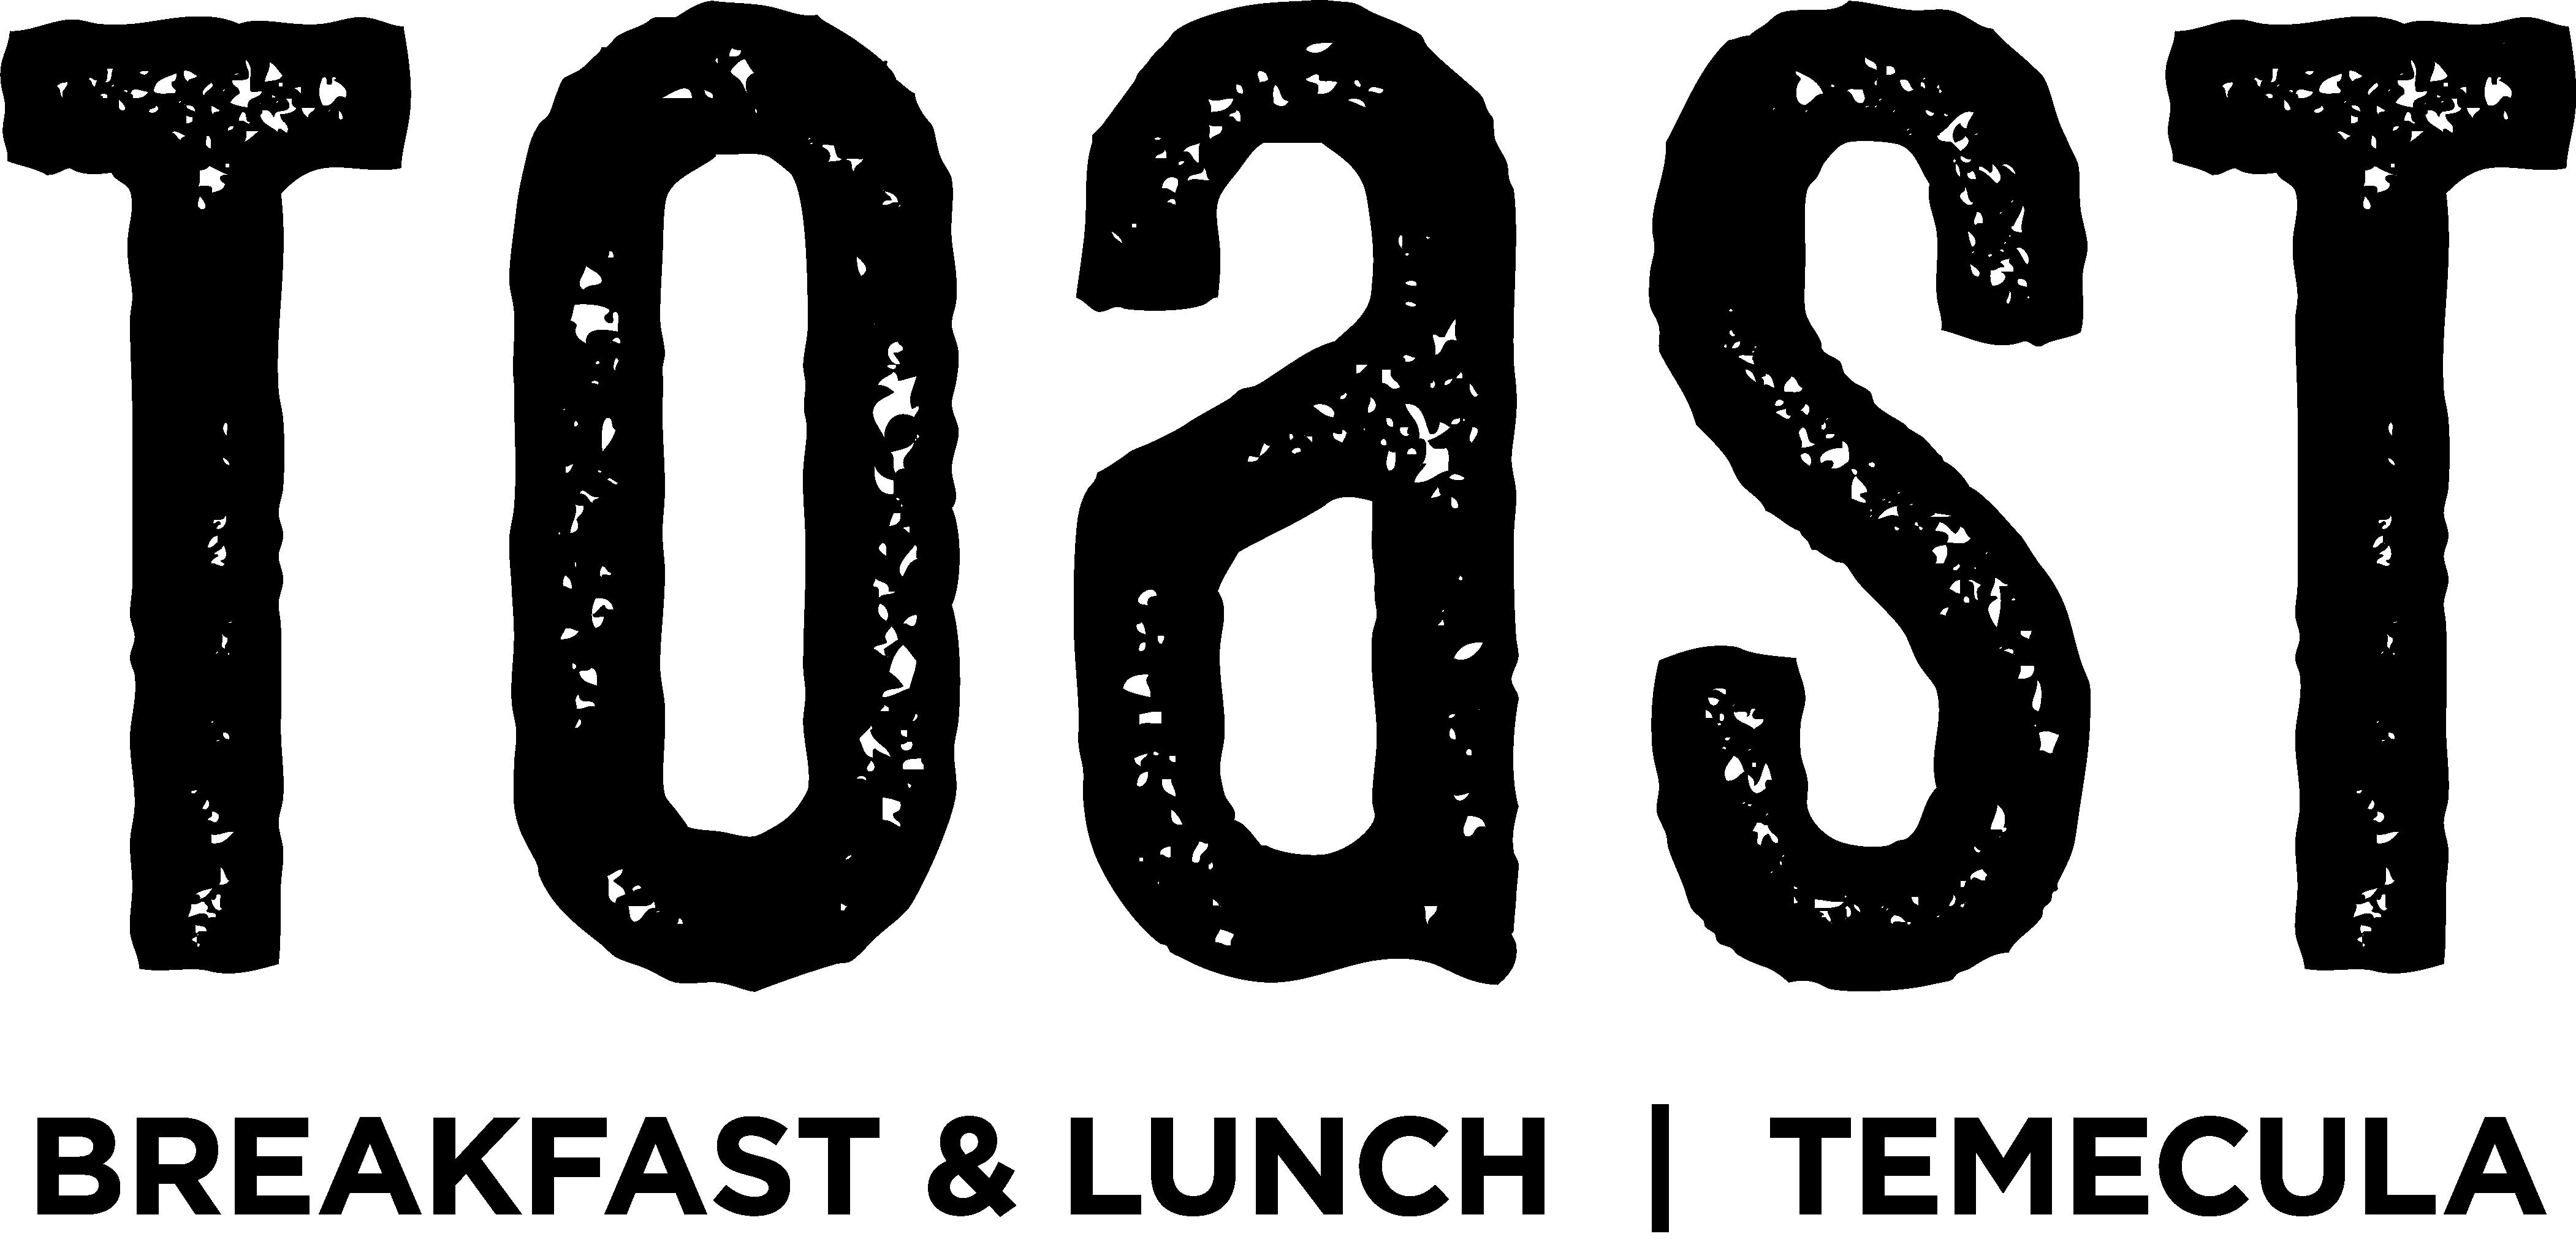 Toast Temecula